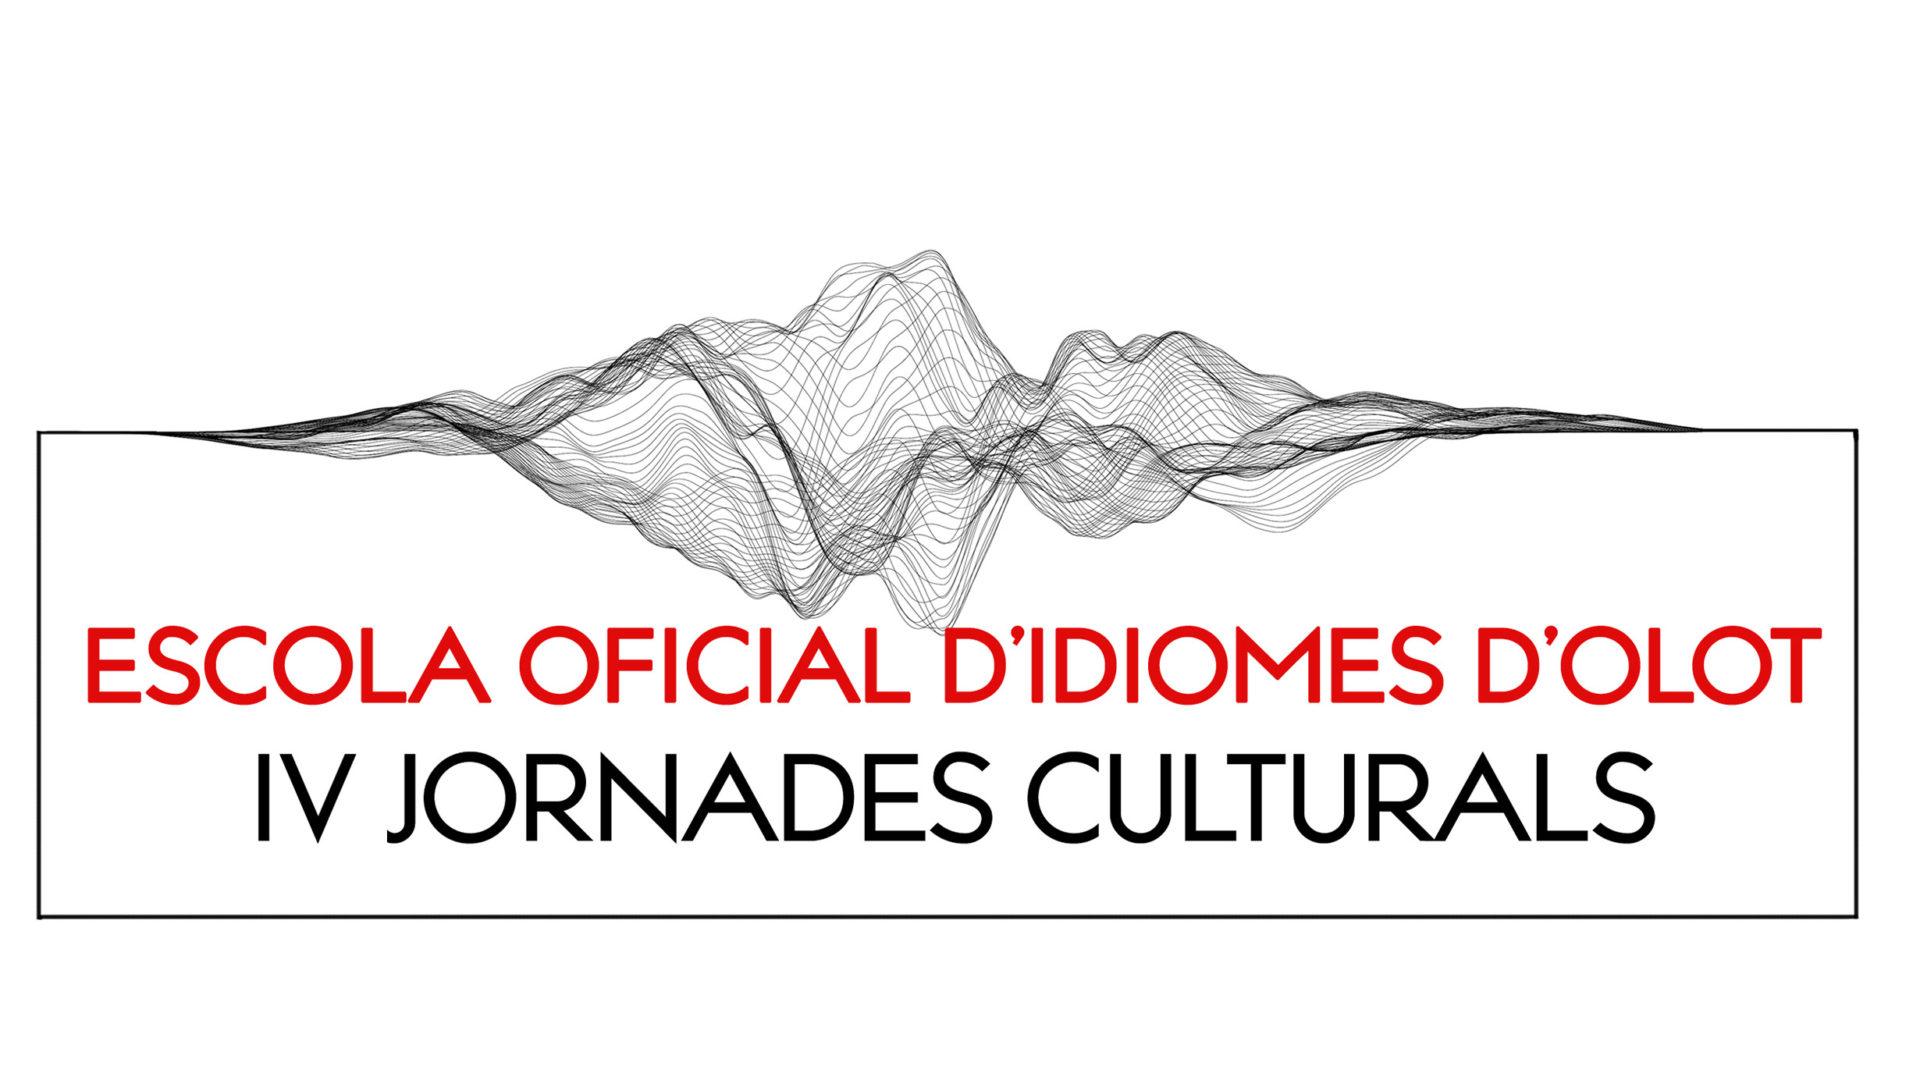 IV Jornades Culturals